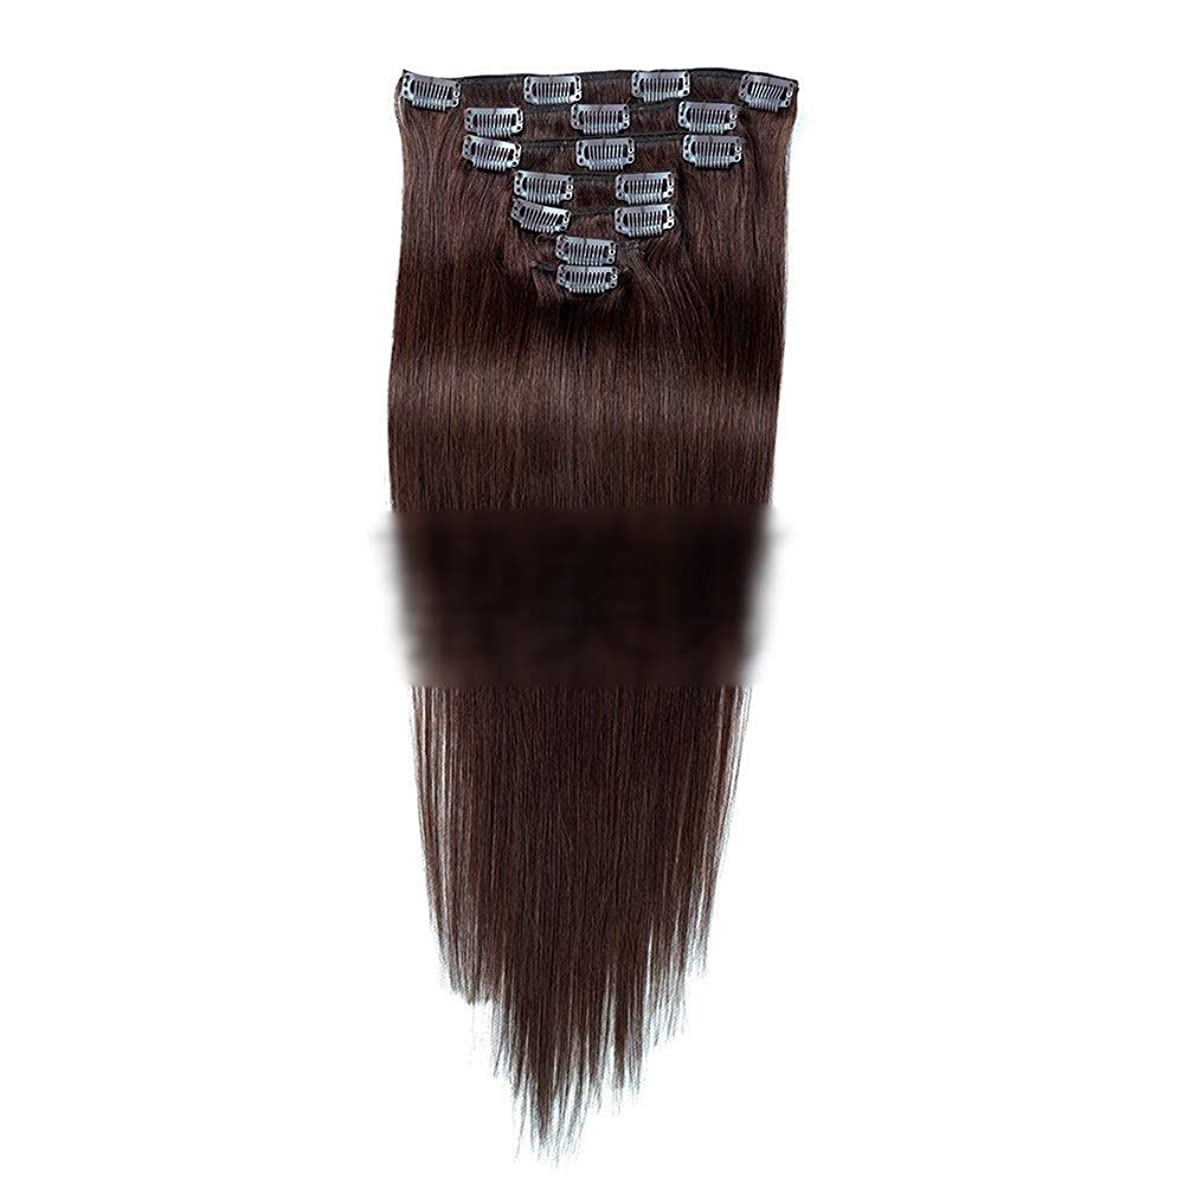 細い支援する根拠YESONEEP ヘアエクステンション人毛18インチダークブラウン#2色7個70gダブル横糸ストレートフルヘッド用女性ファッションかつらロングストレートヘアウィッグ (Color : #2 dark brown)